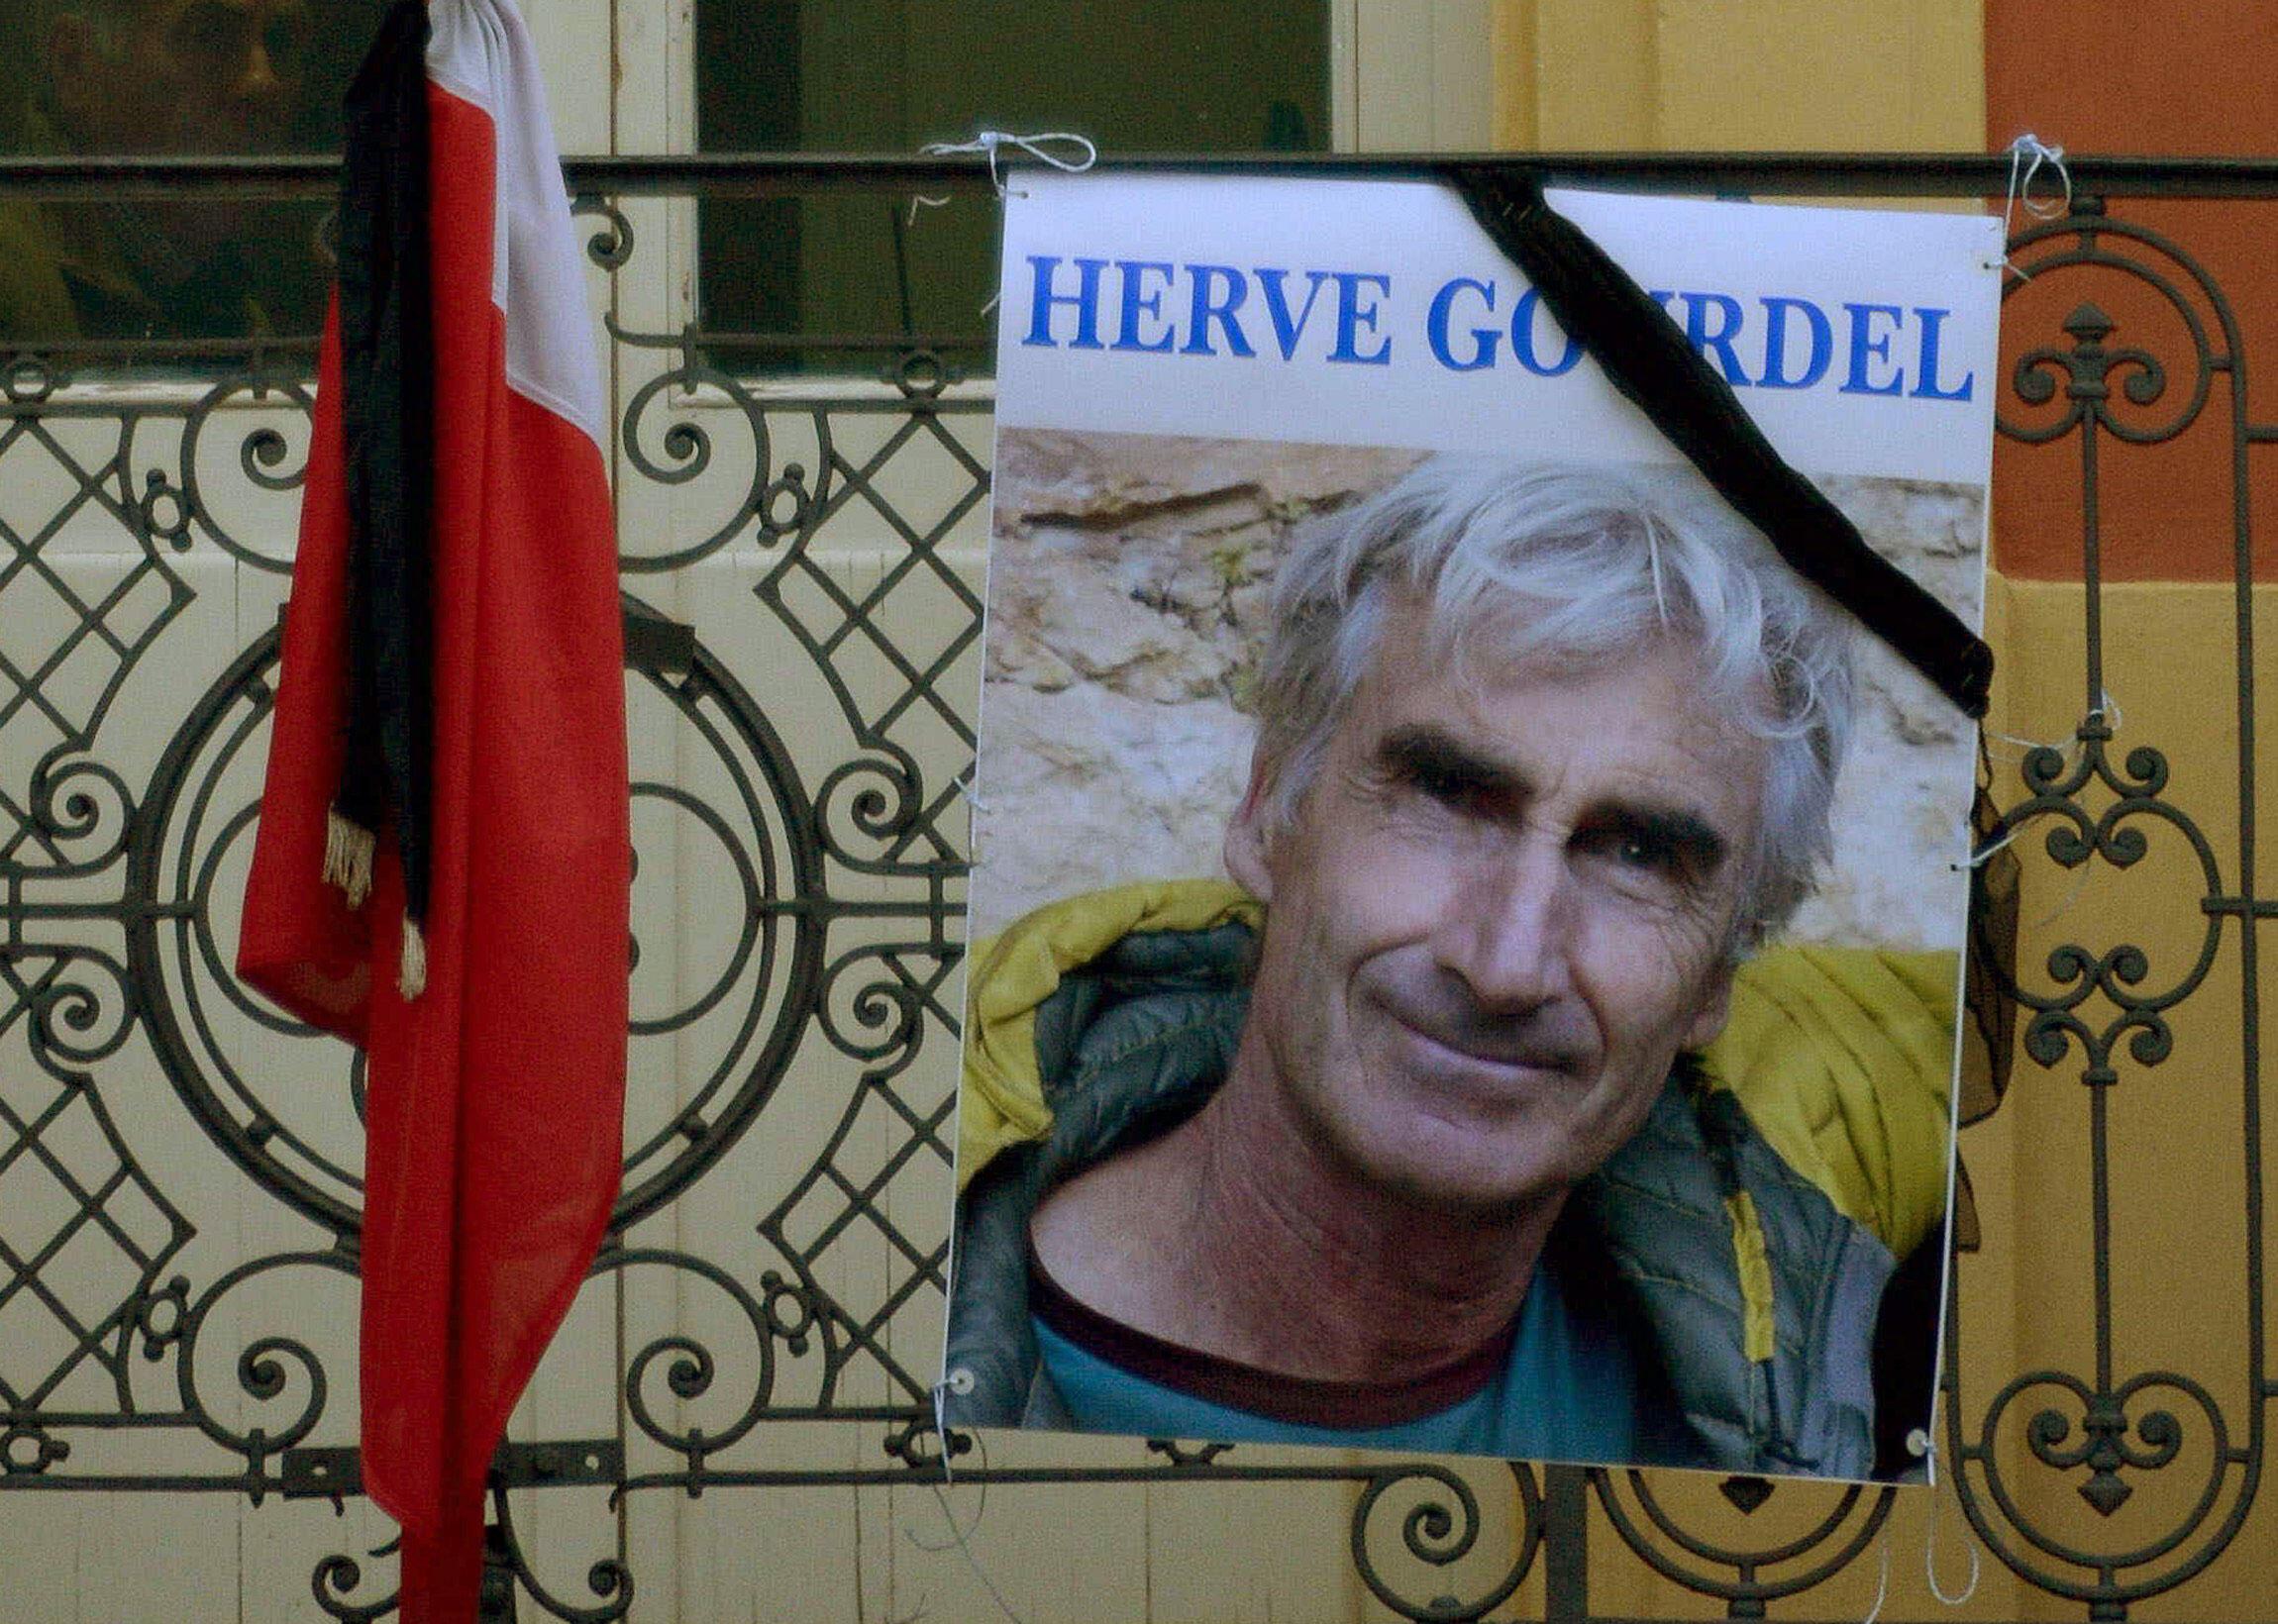 Un portrait de l'otage français assassiné Hervé Gourdel devant la mairie de Saint-Martin-Vesubie, le village où il résidait.